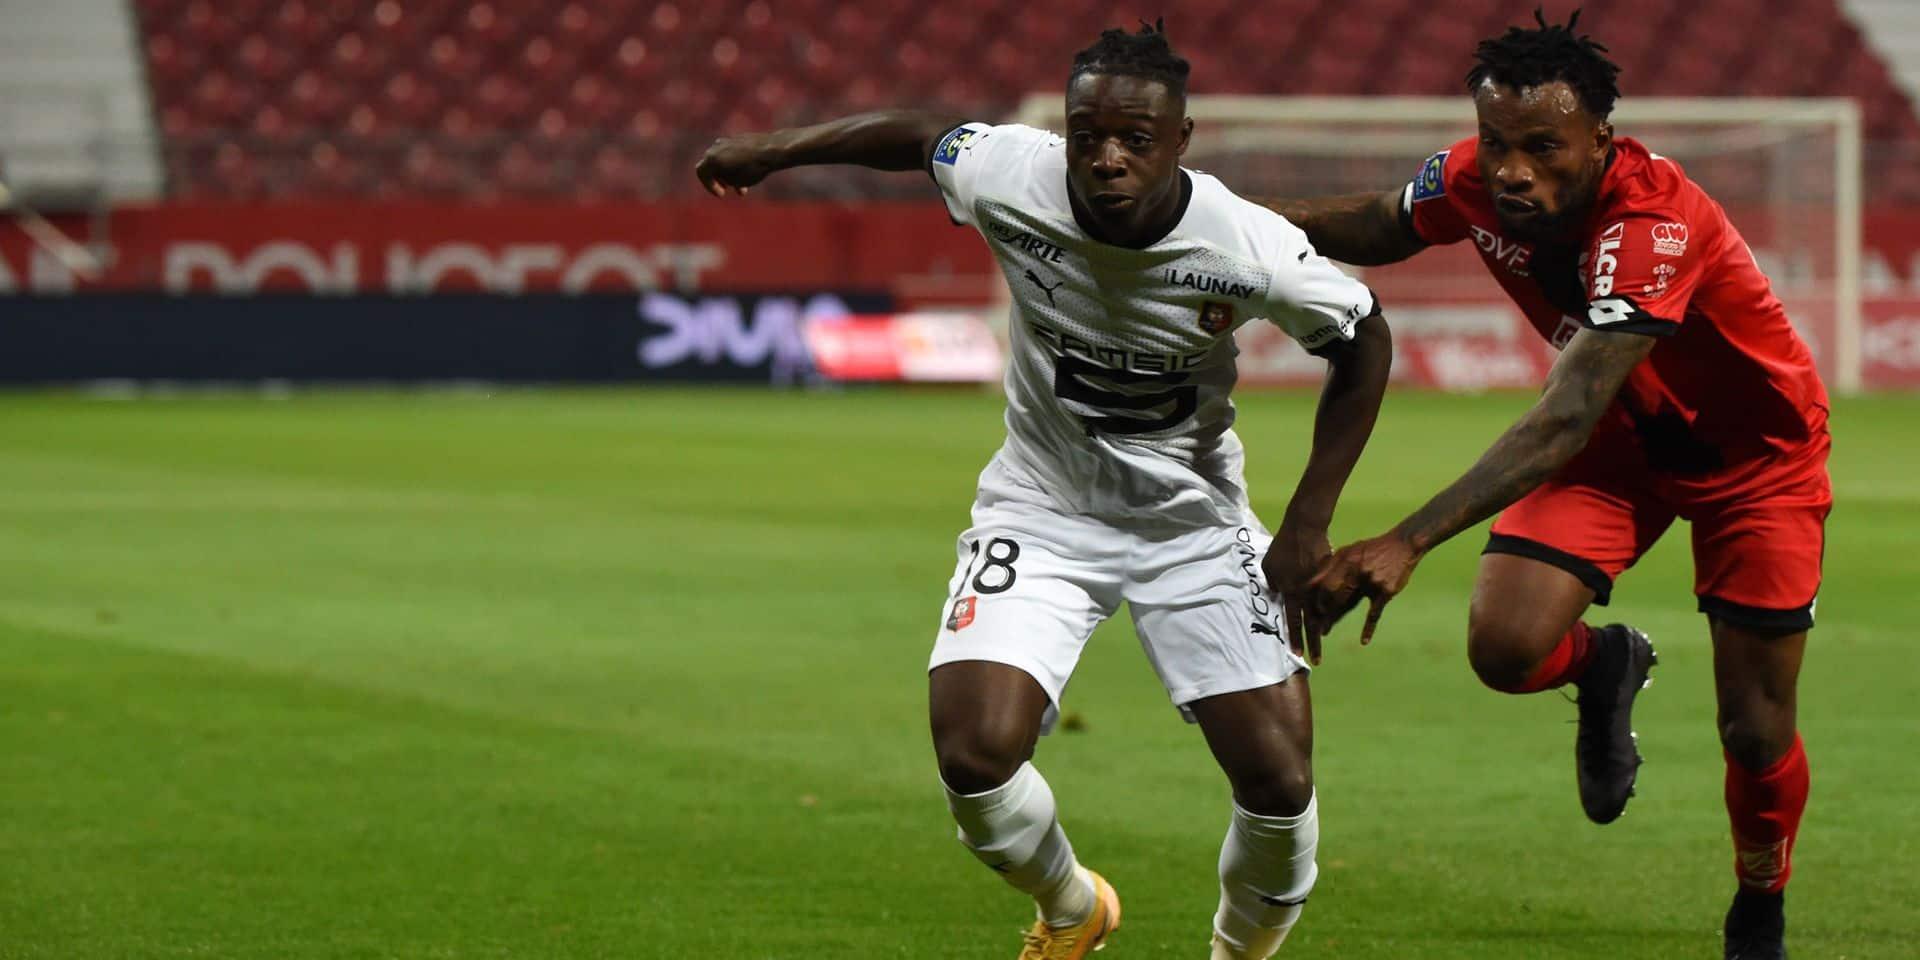 Première réussie pour Doku avec Rennes